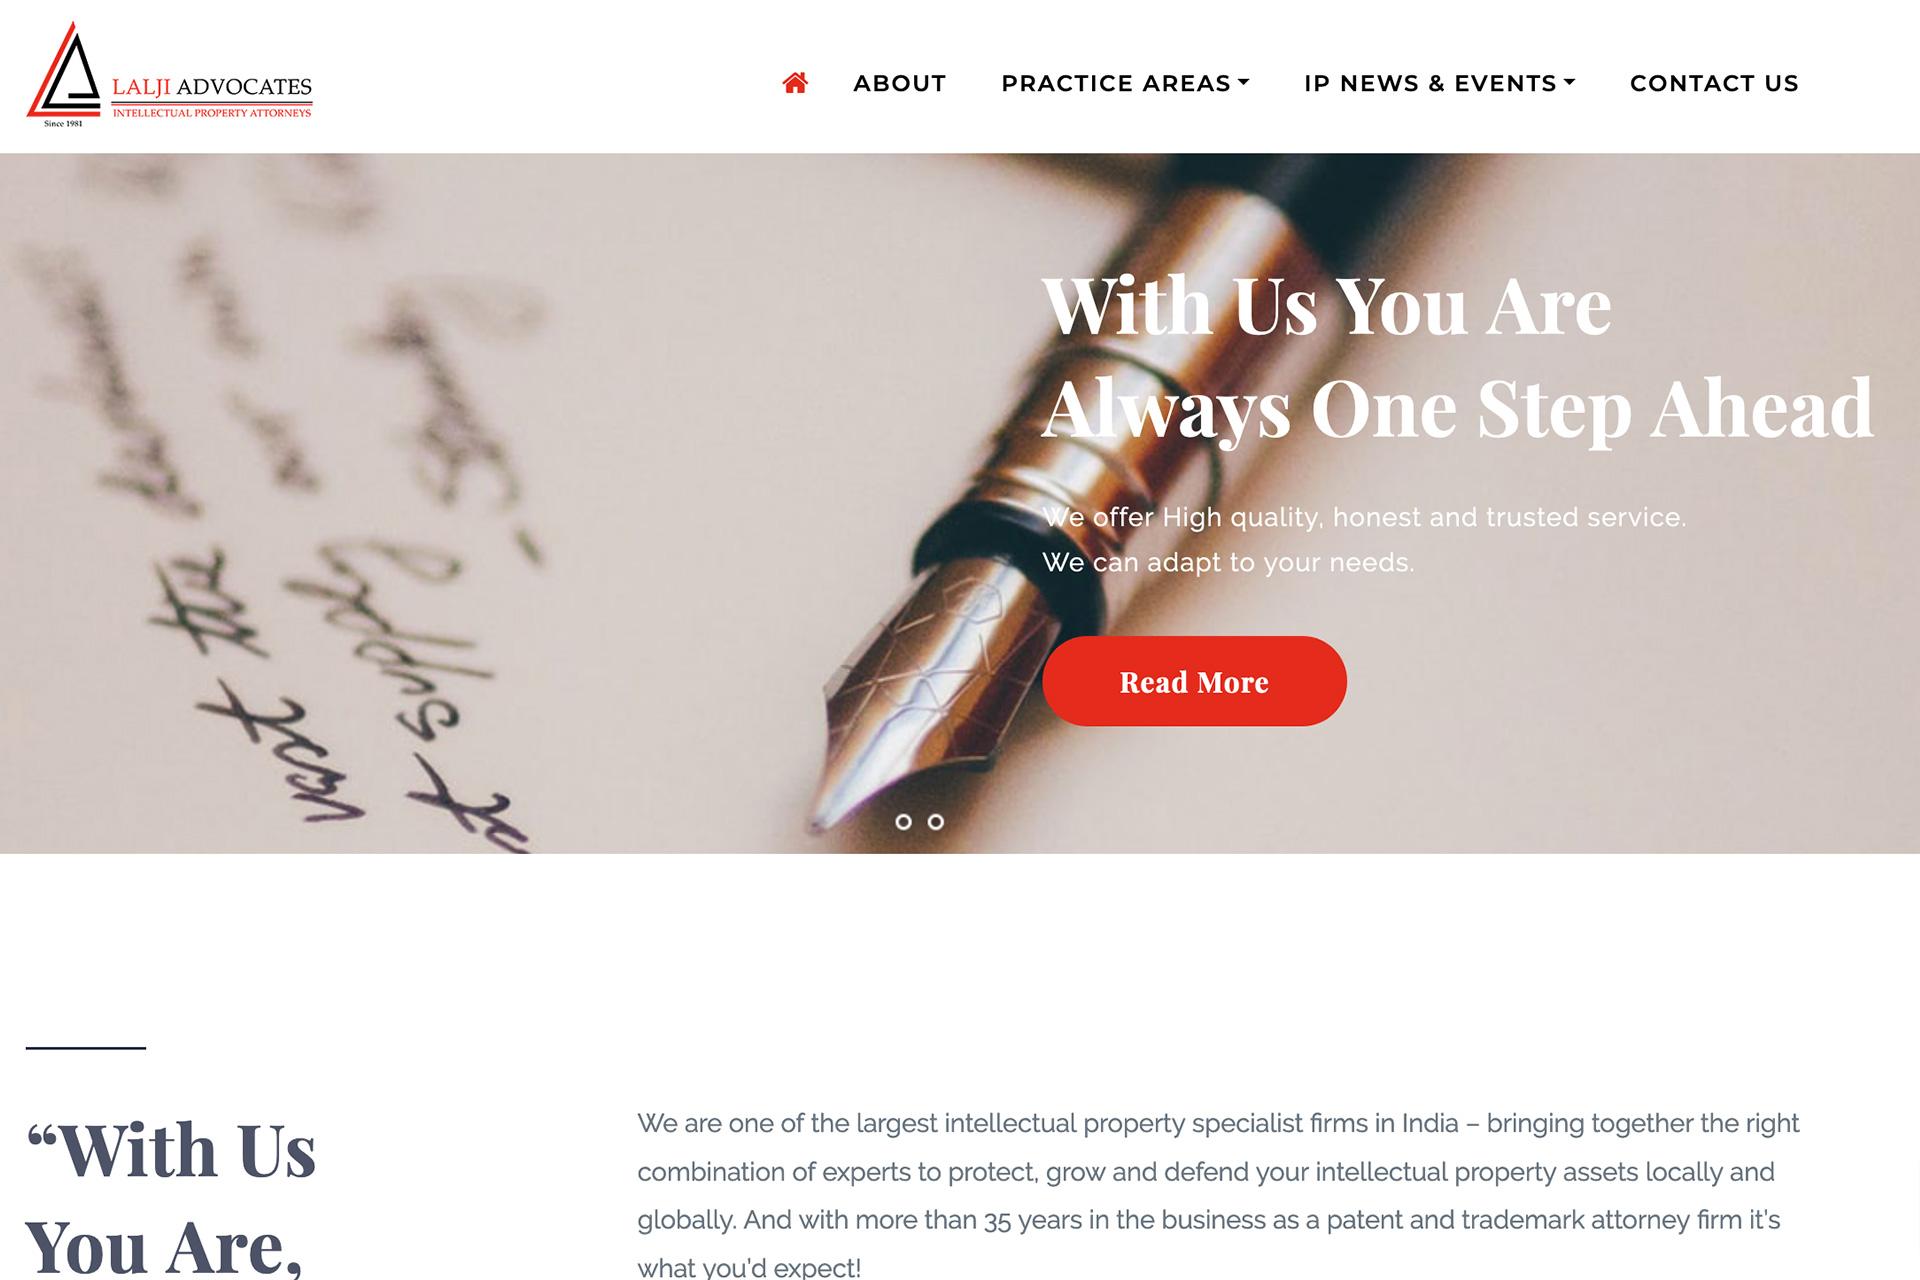 website-lalji-advocates